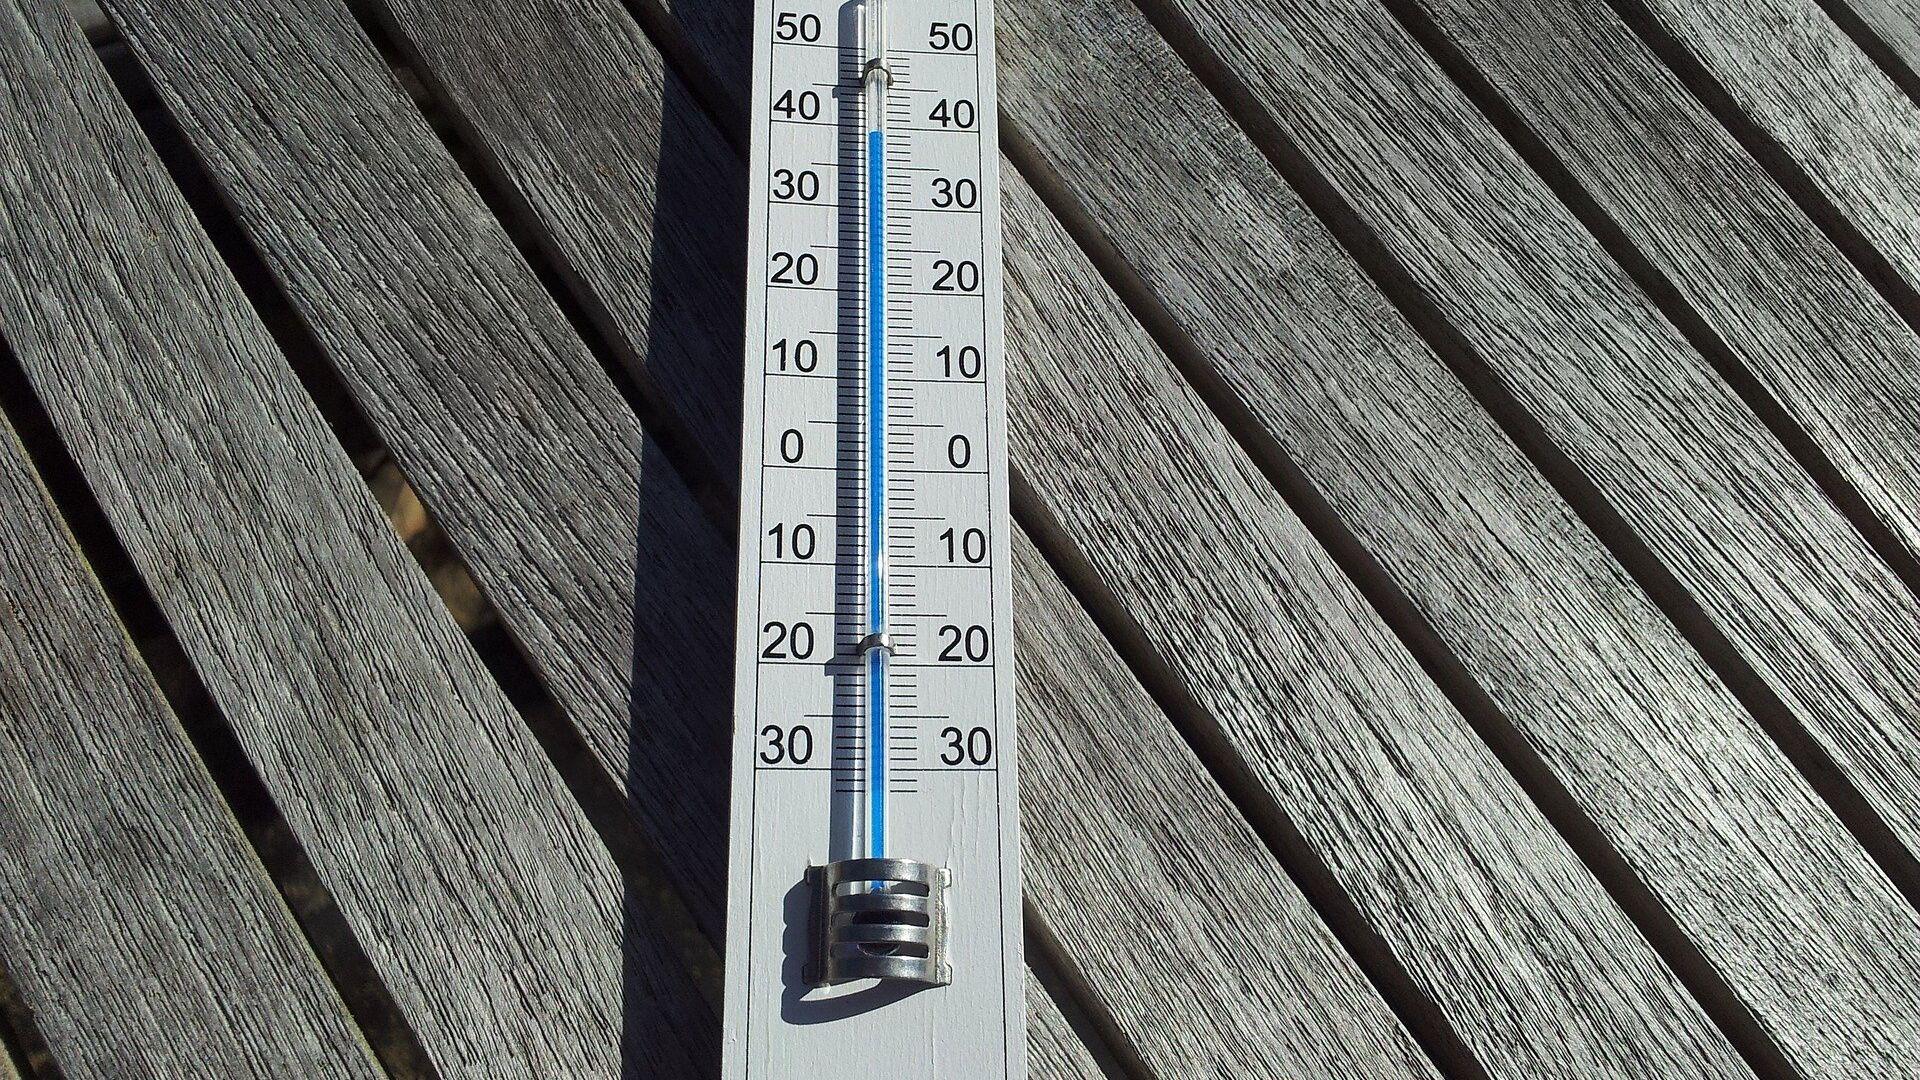 Уличный термометр - Sputnik Латвия, 1920, 10.07.2021